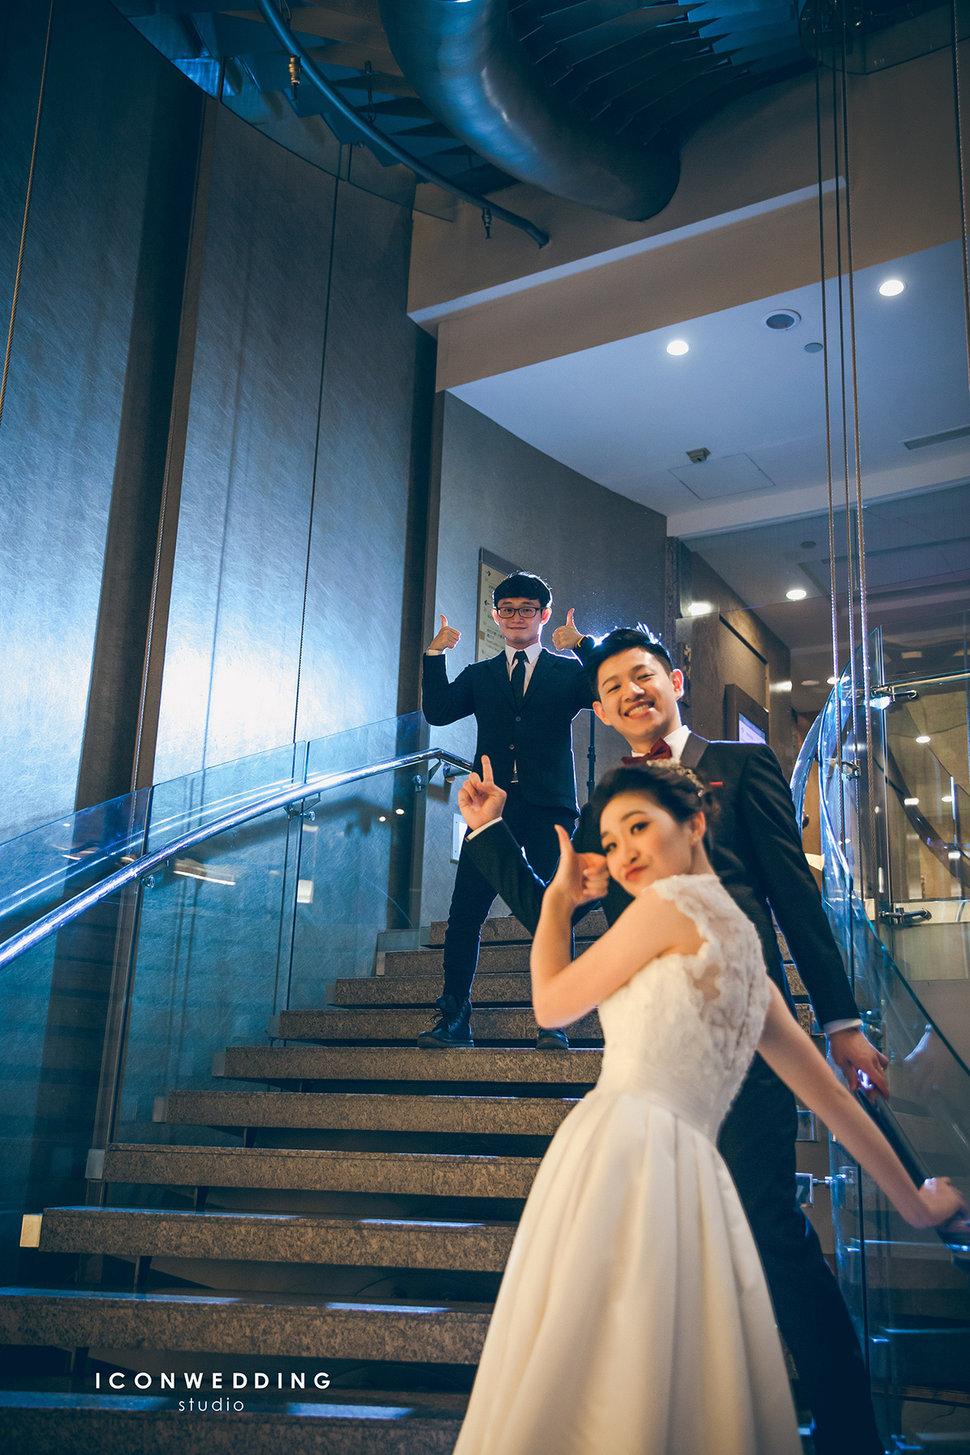 婚禮紀錄-安真(編號:551593) - 愛情符號 ‧ 玩拍婚紗 ‧ 海外婚紗 - 結婚吧